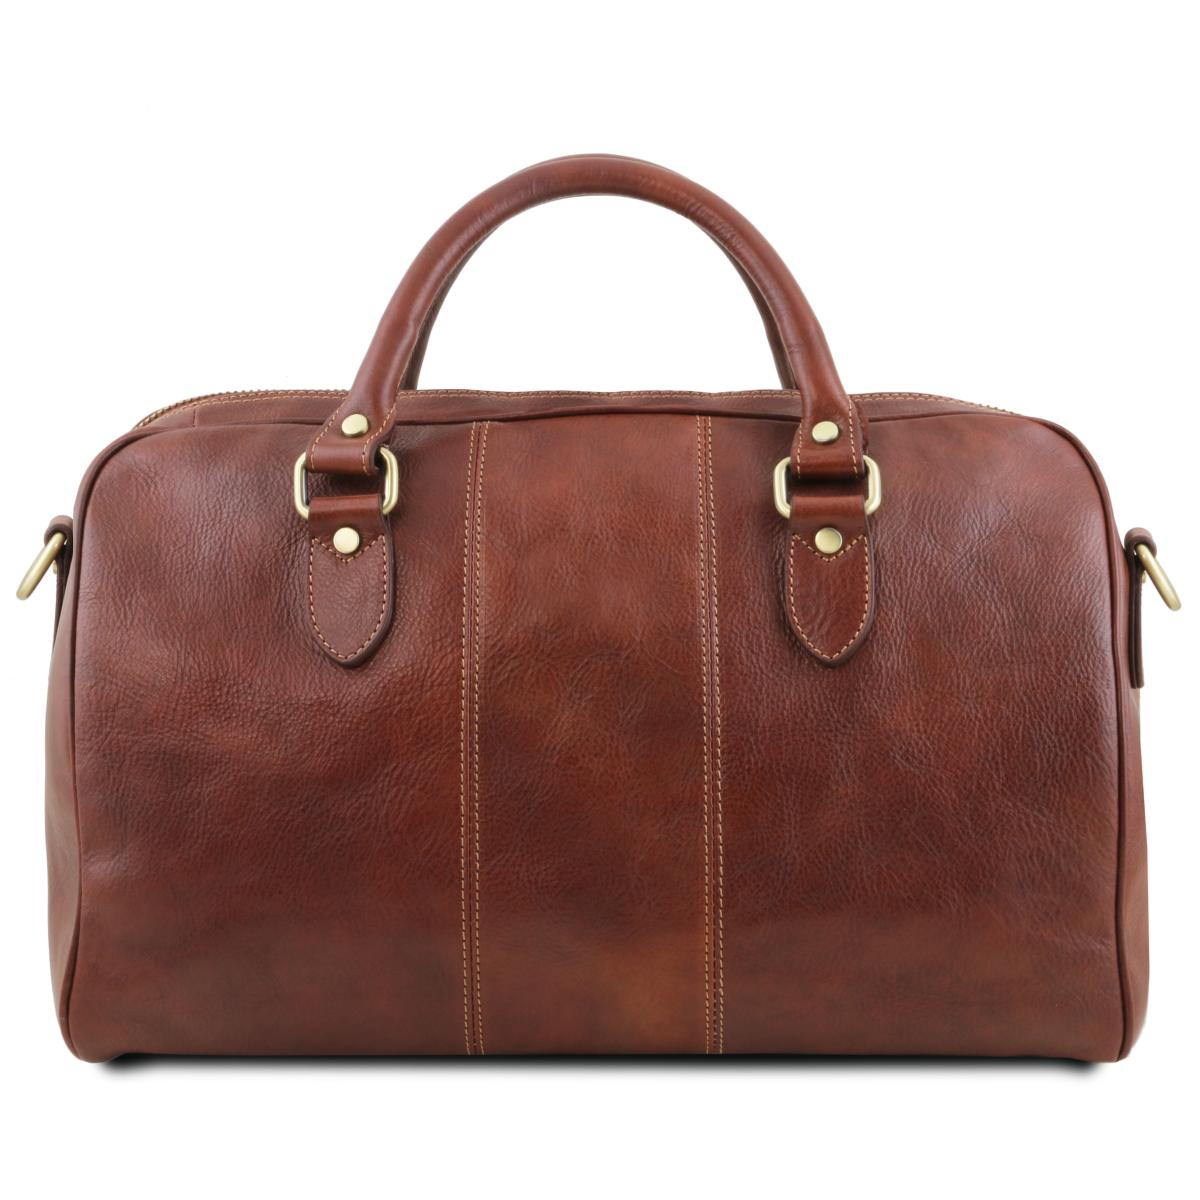 sac de voyage cuir femme tuscany leather. Black Bedroom Furniture Sets. Home Design Ideas